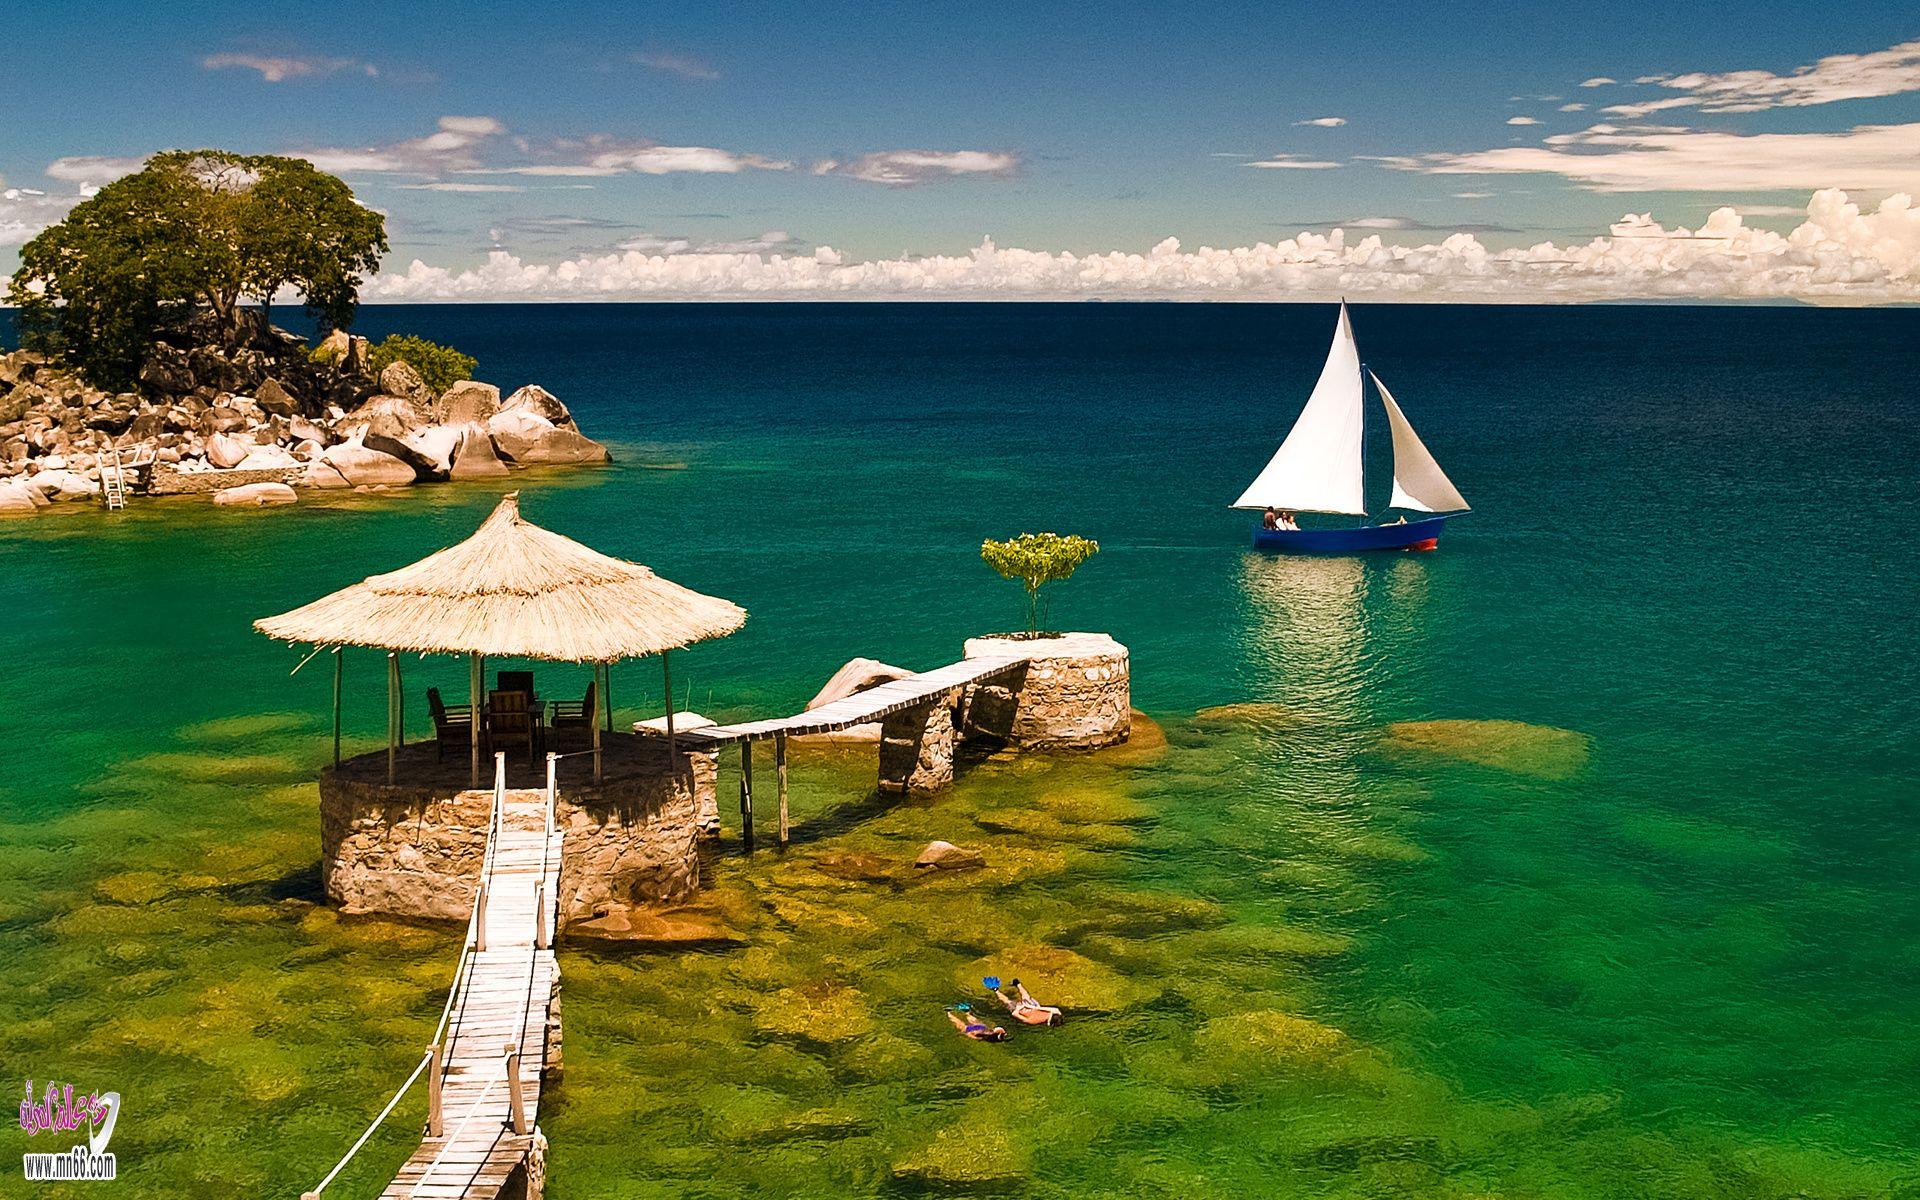 بالصور عجائب البحر , اجمل صور الطبيعة 428 10